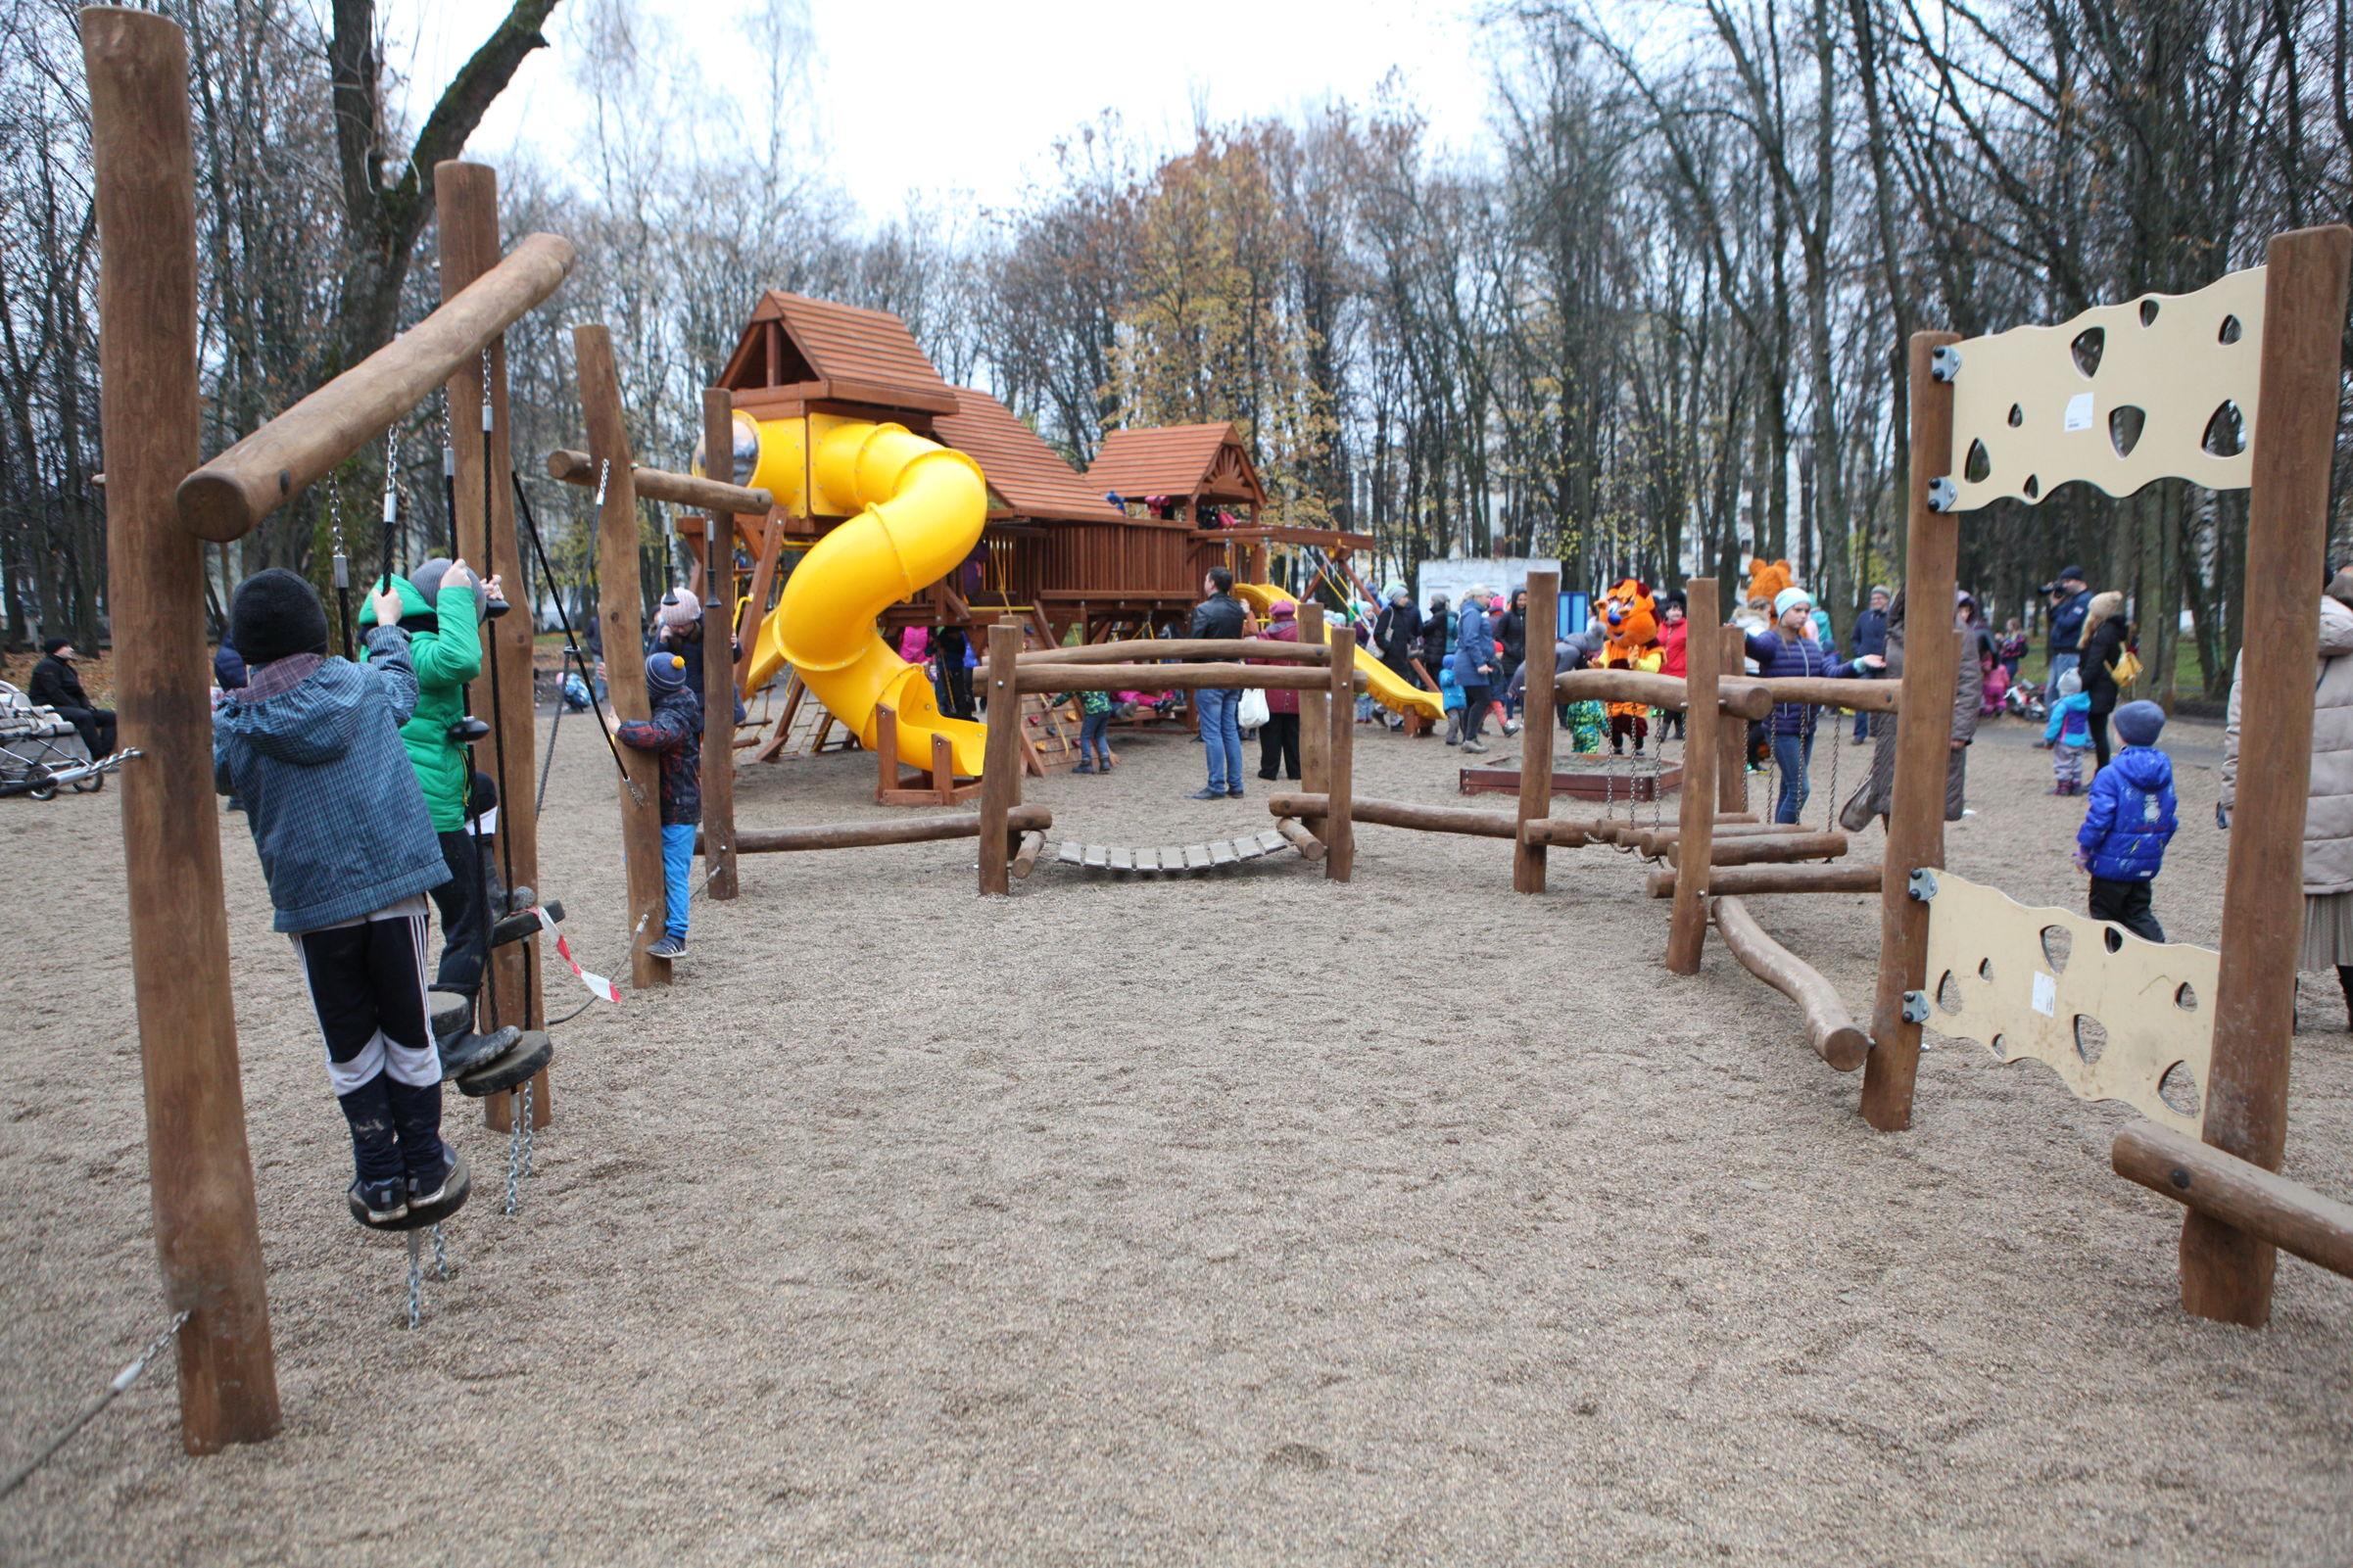 В Ярославской области школьница получила тяжелую травму на детской площадке